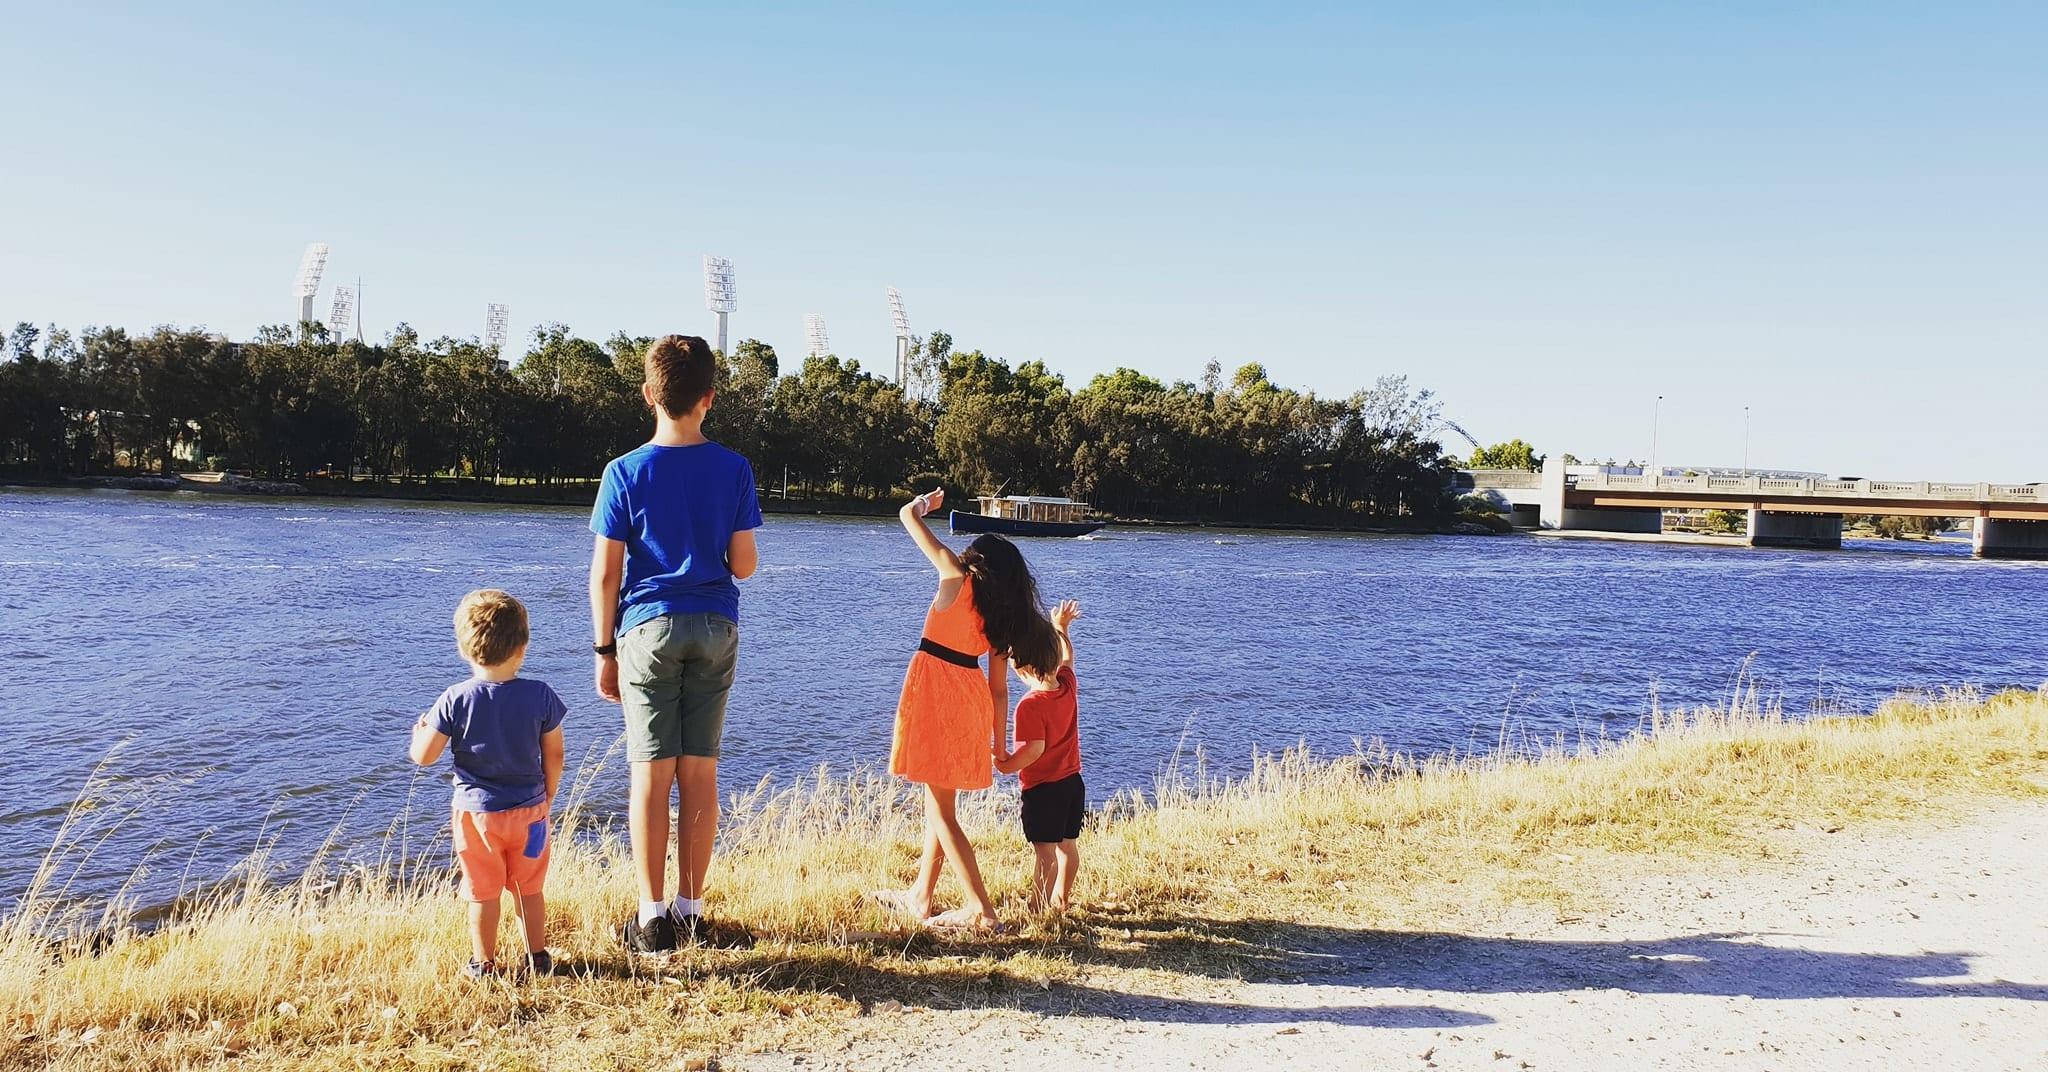 Heirisson Island, Perth